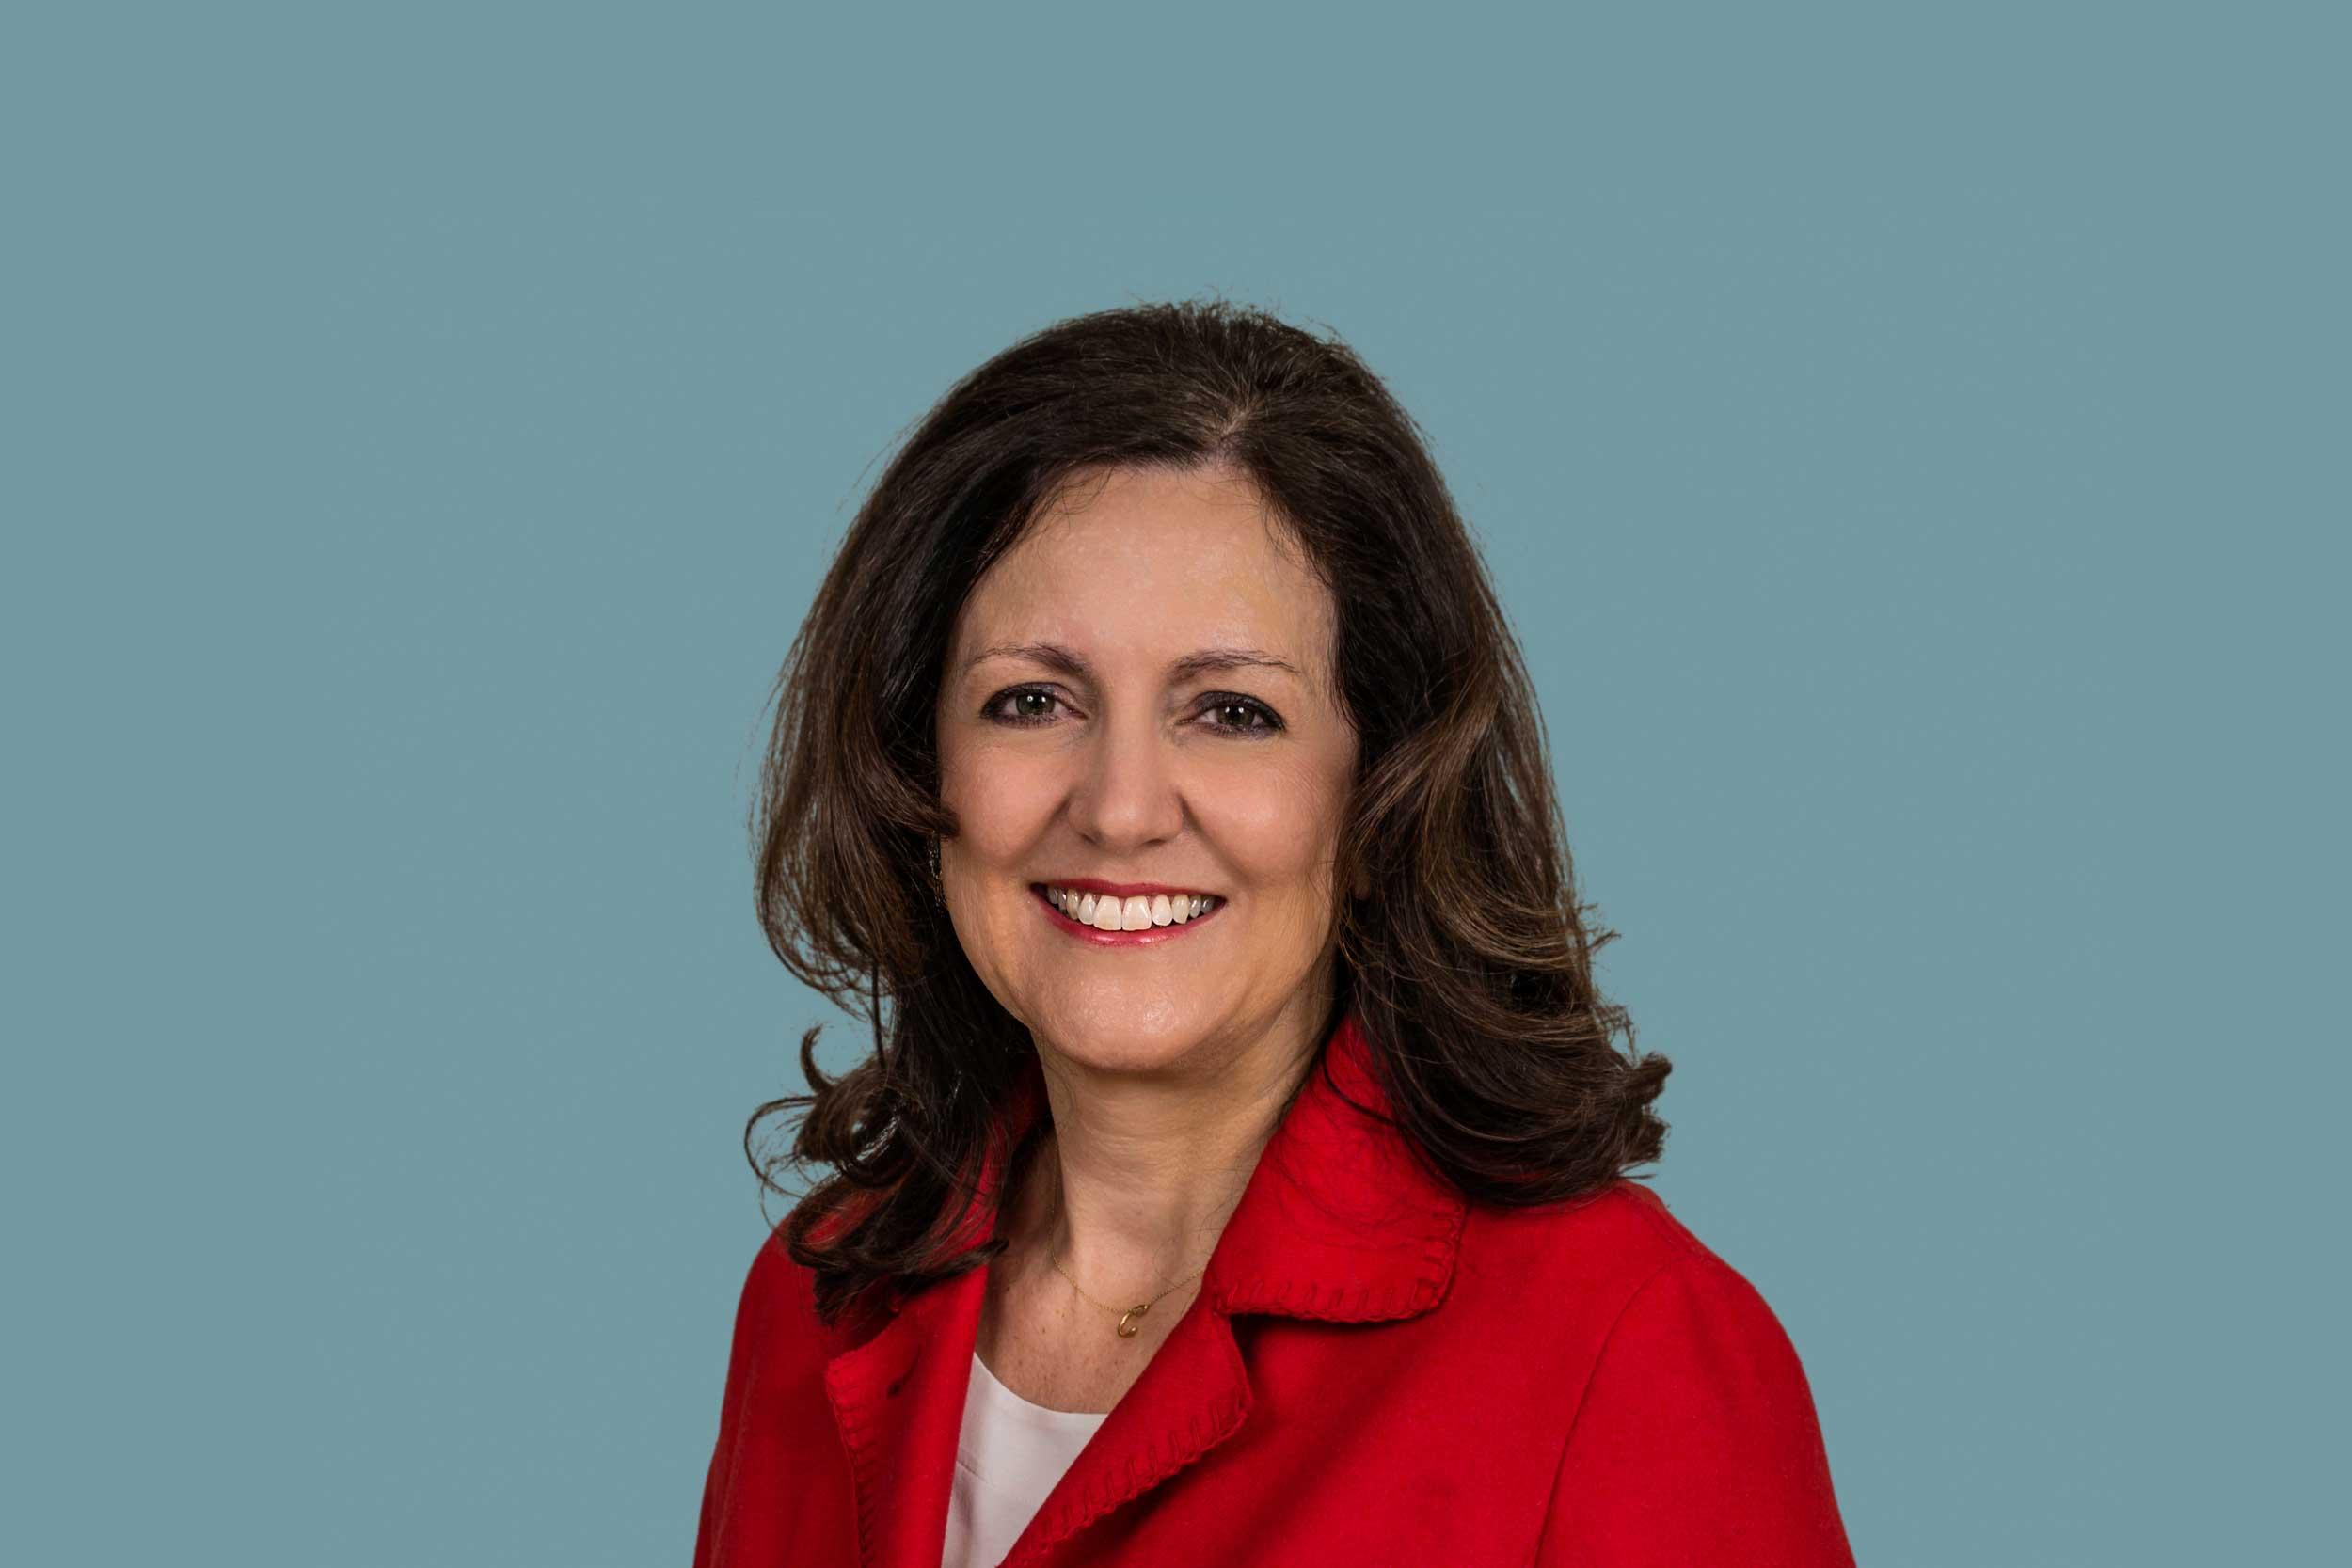 Christina Bürgi Dellsperger